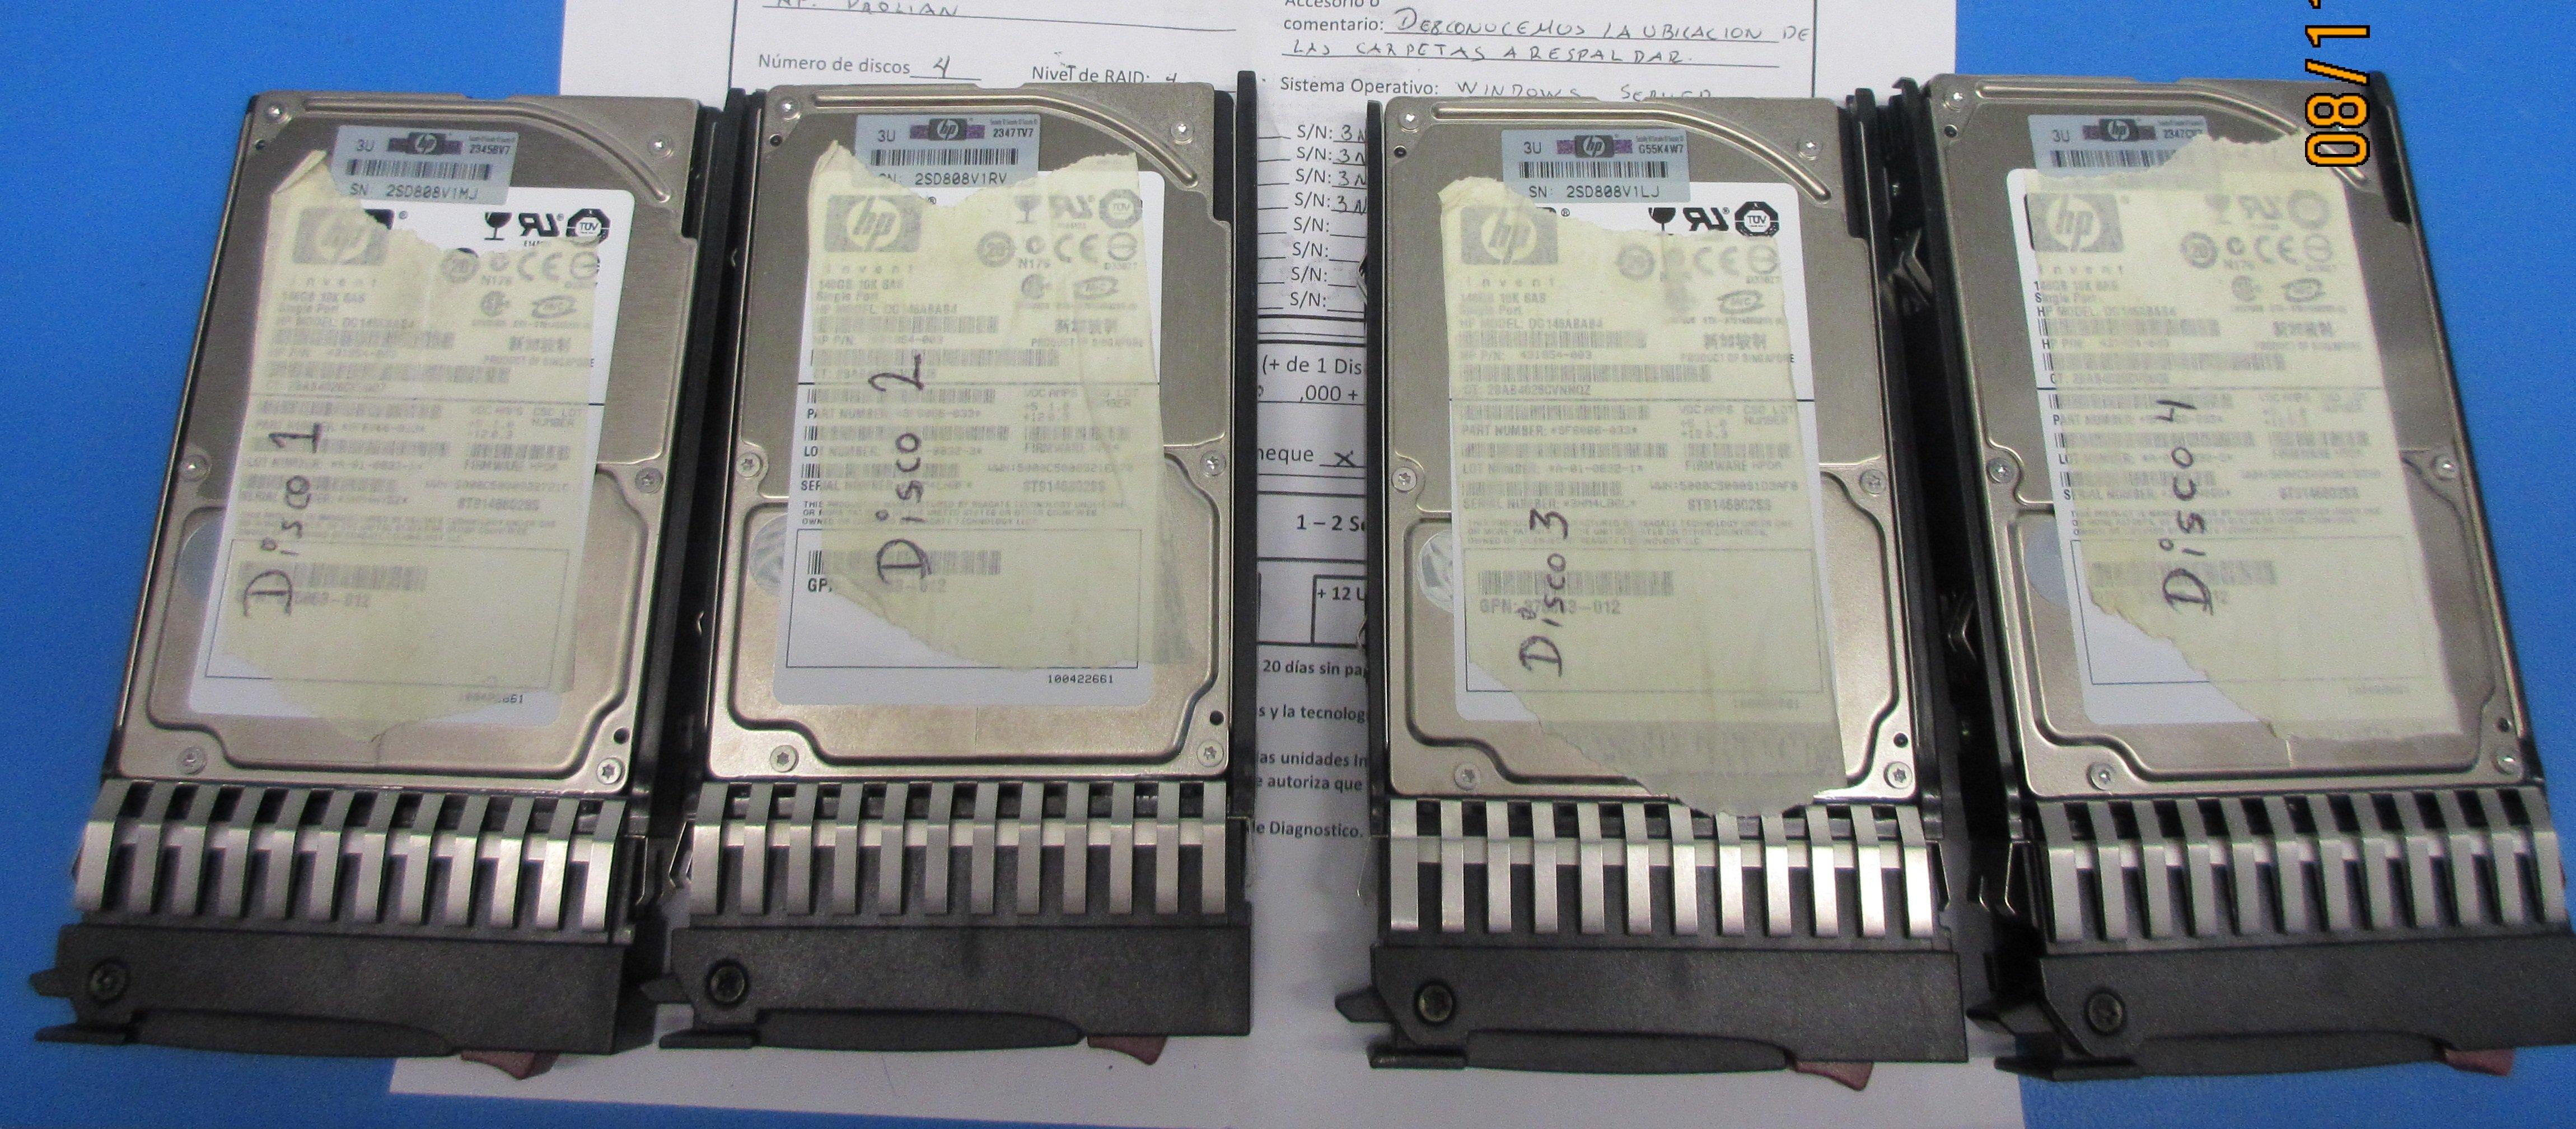 Recuperación de datos en un Servidor HP Proliant ML350 G5